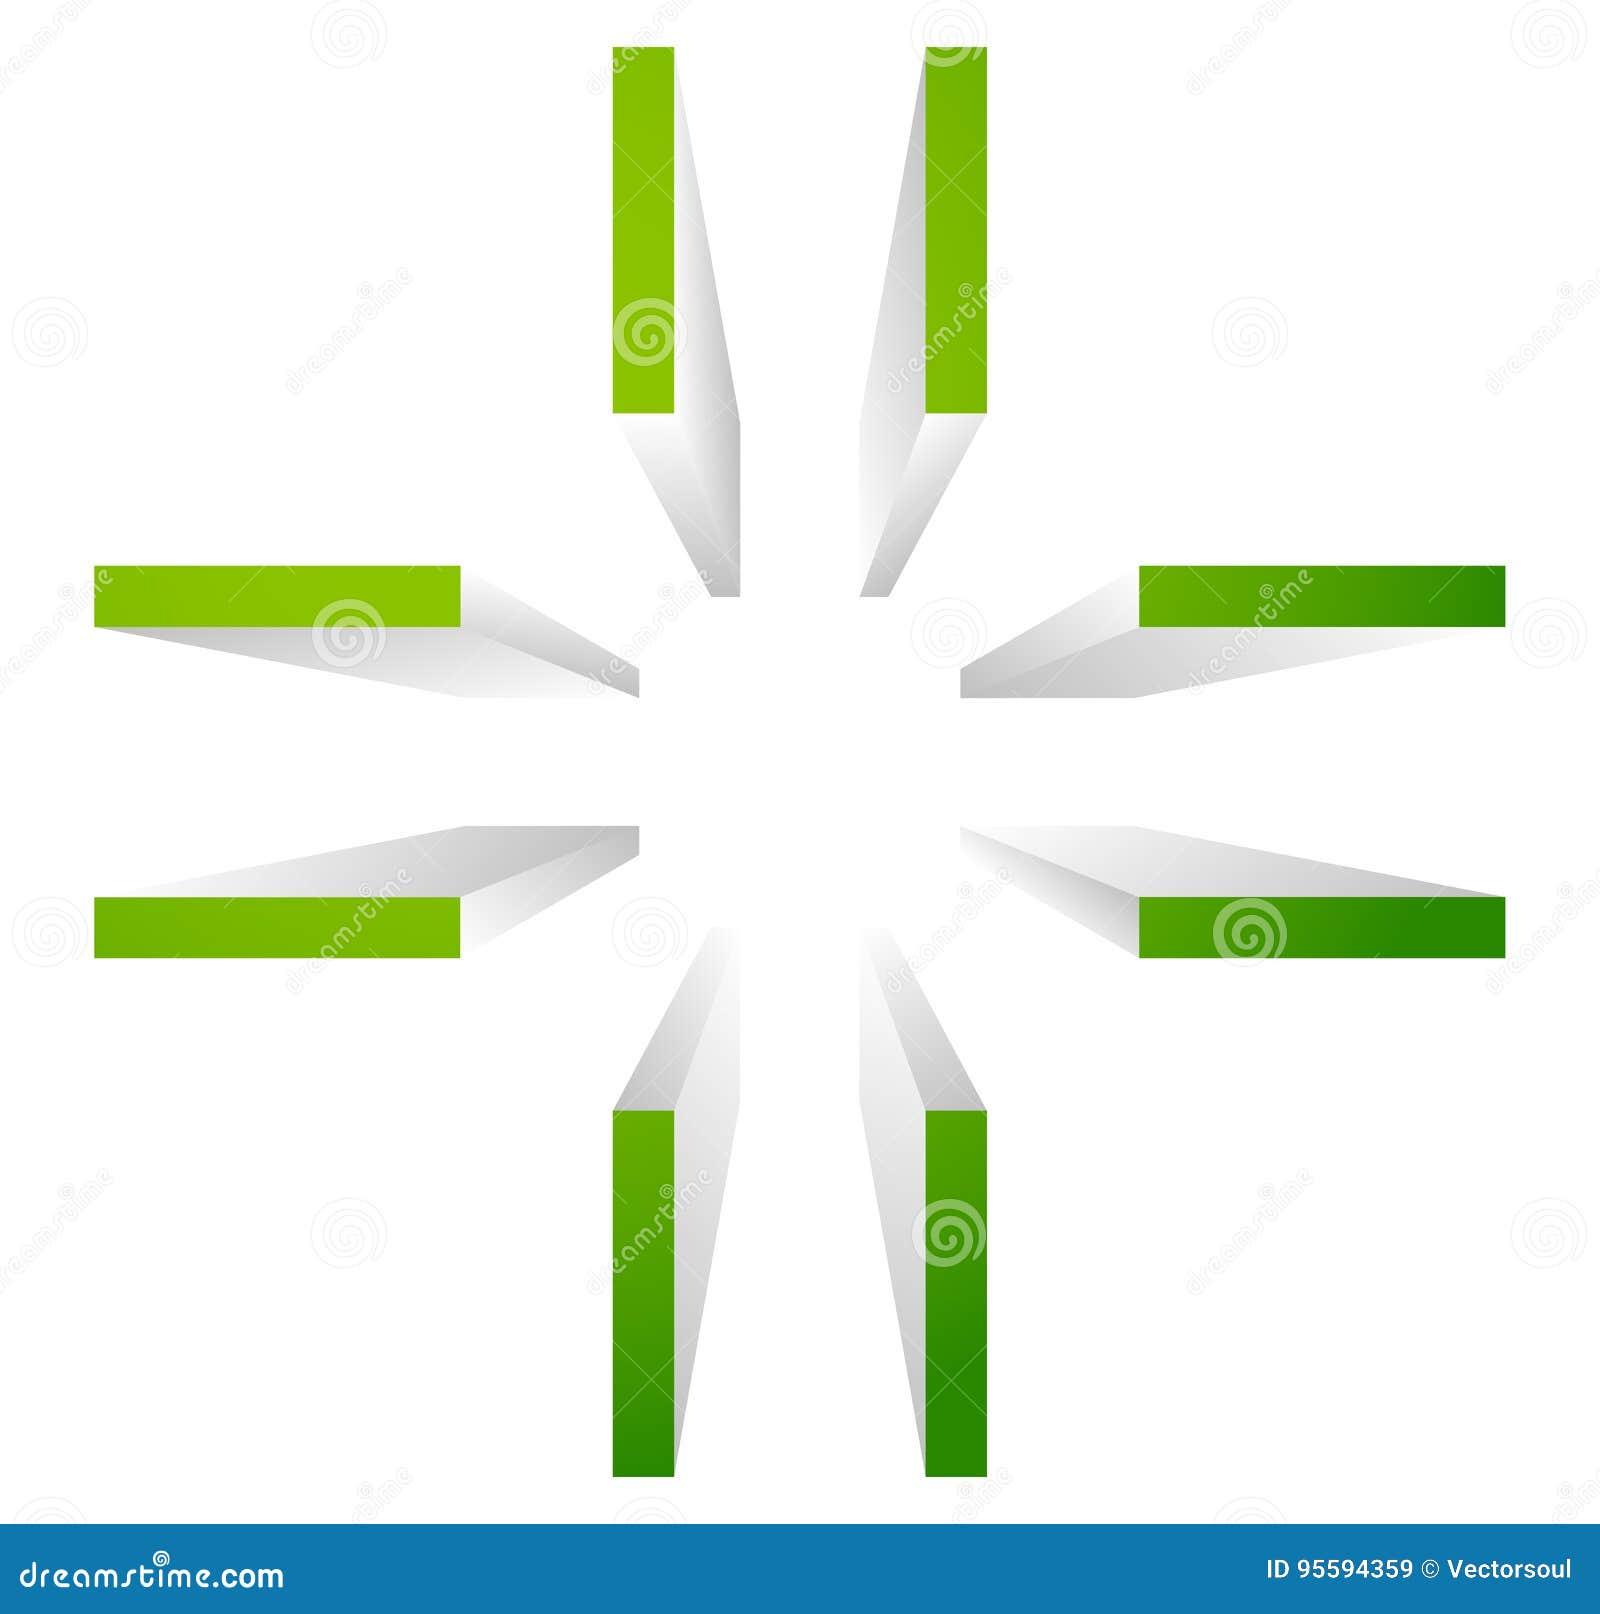 Перекрестие, символ метки цели Выровняйте, точность или точность